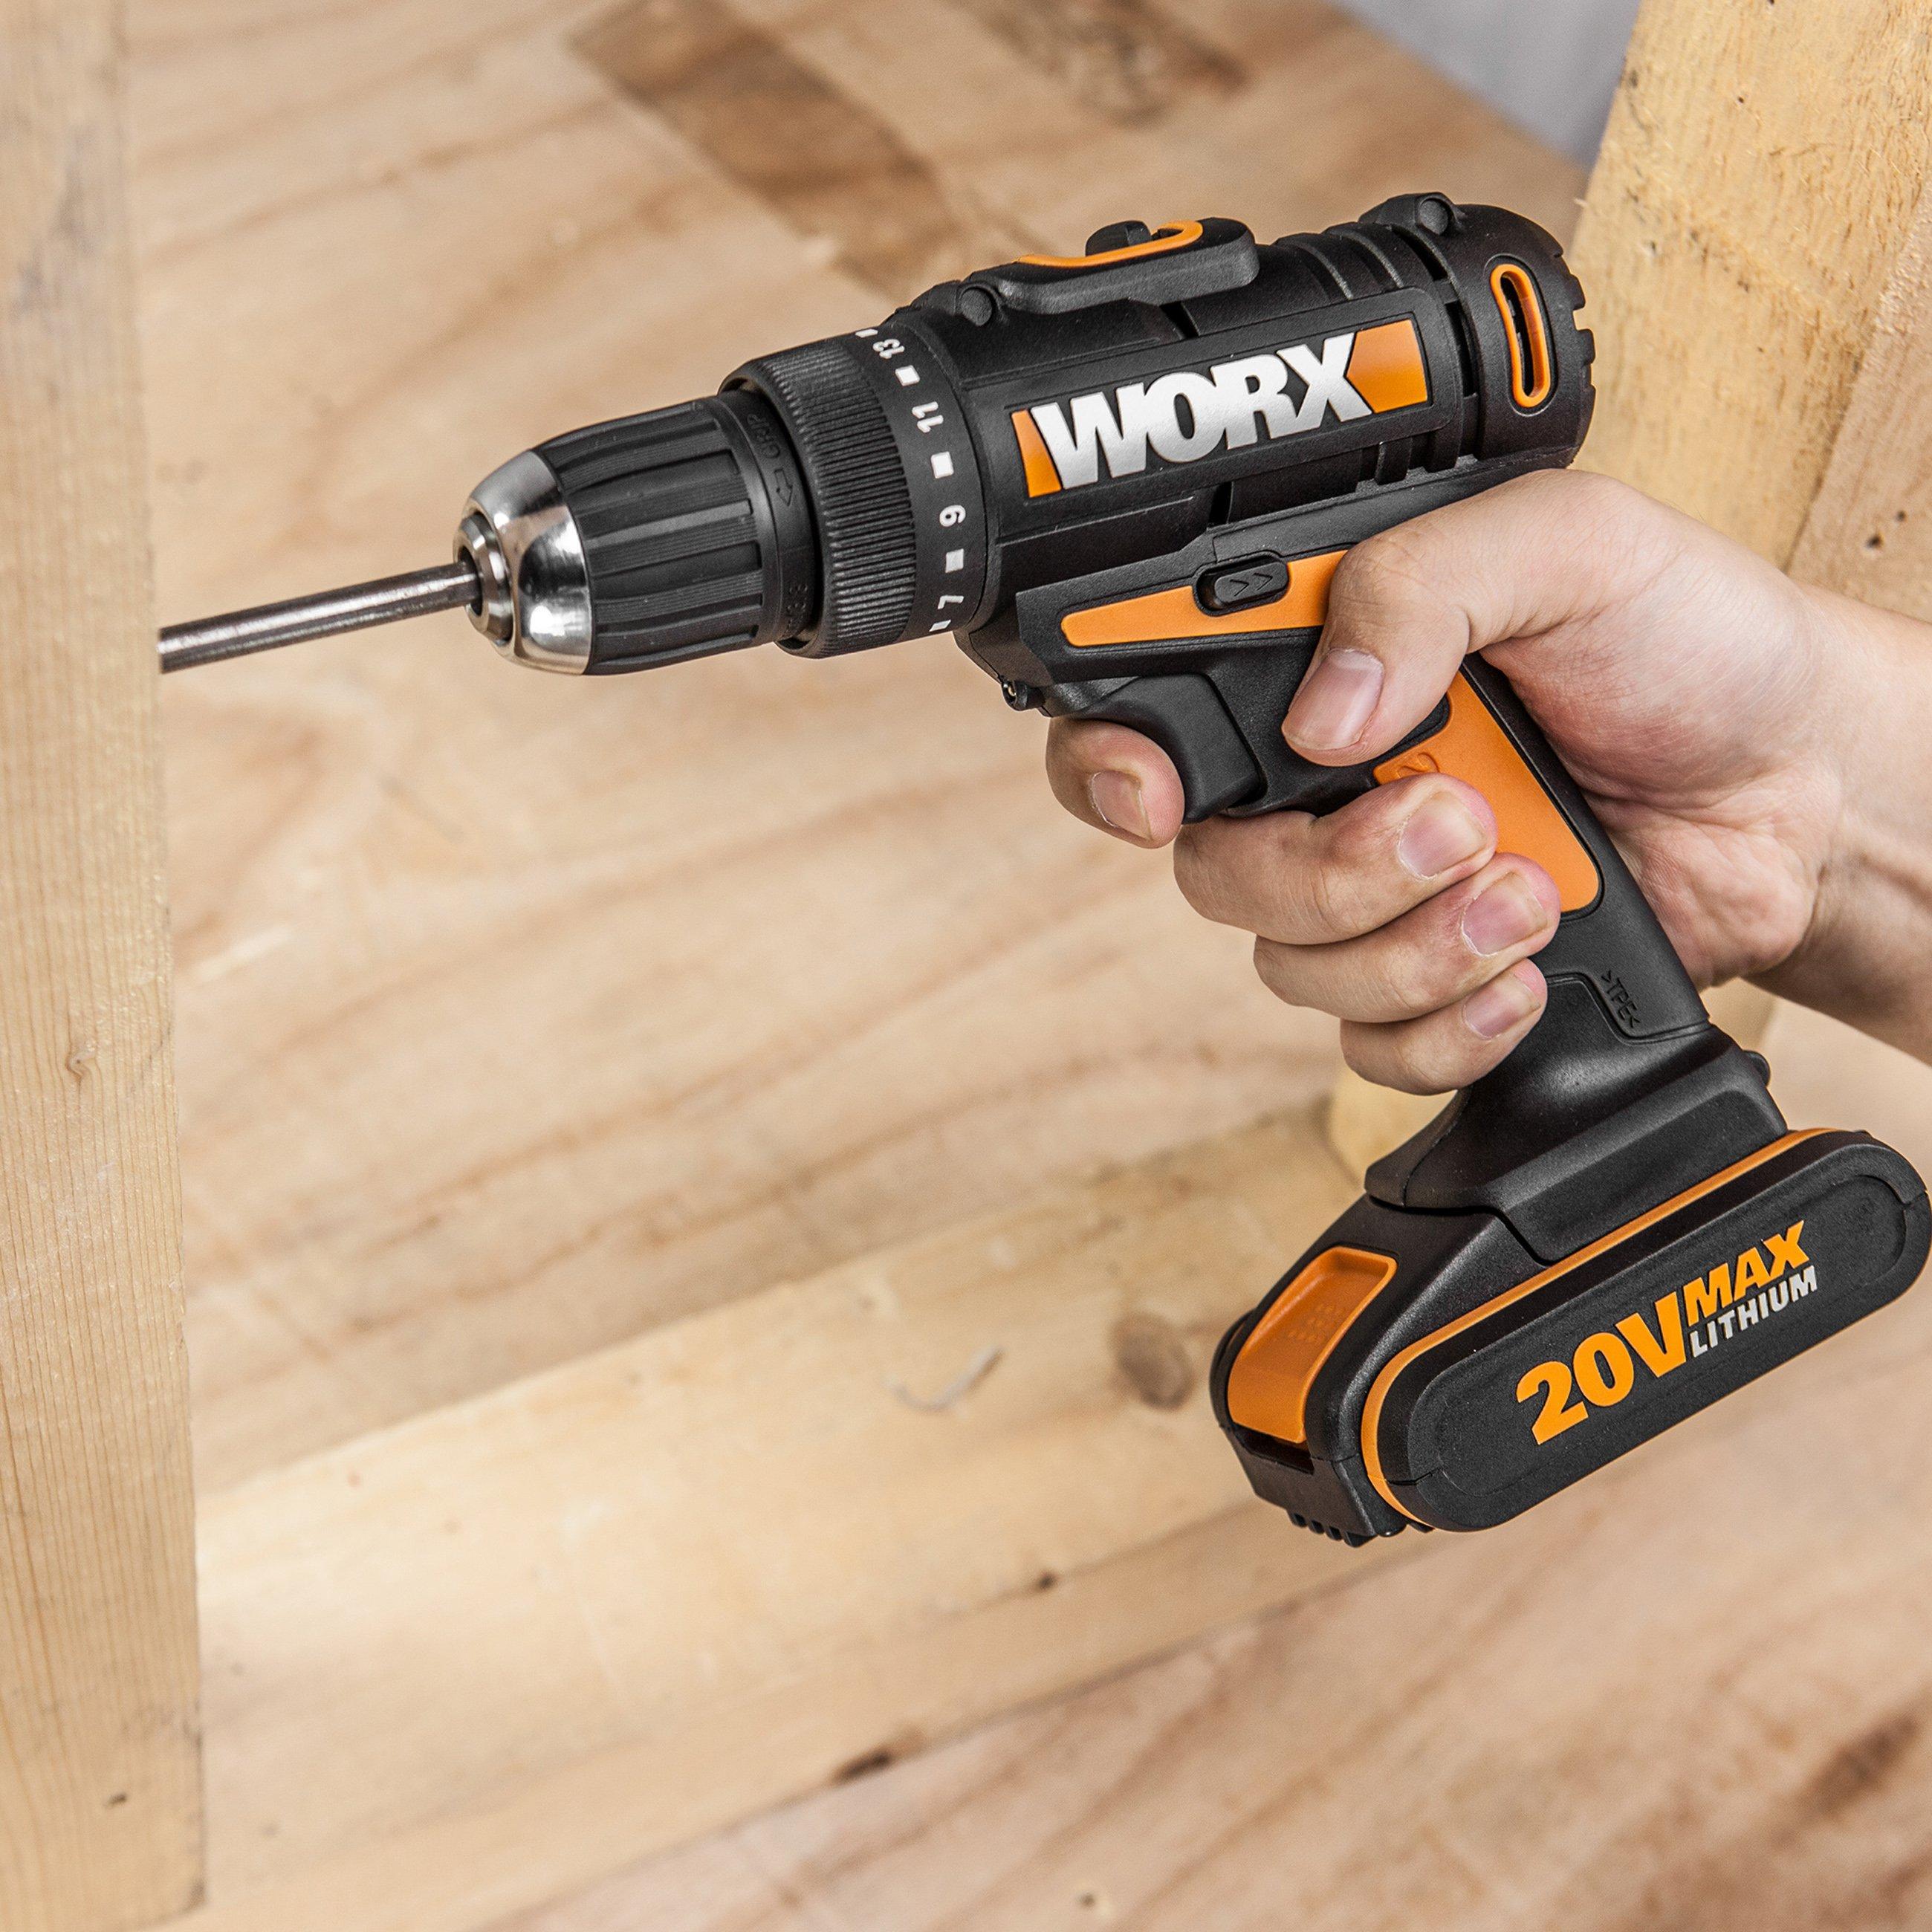 Worx WX166.3 20V Akku-Bohrschrauber, Anwendung waagrecht